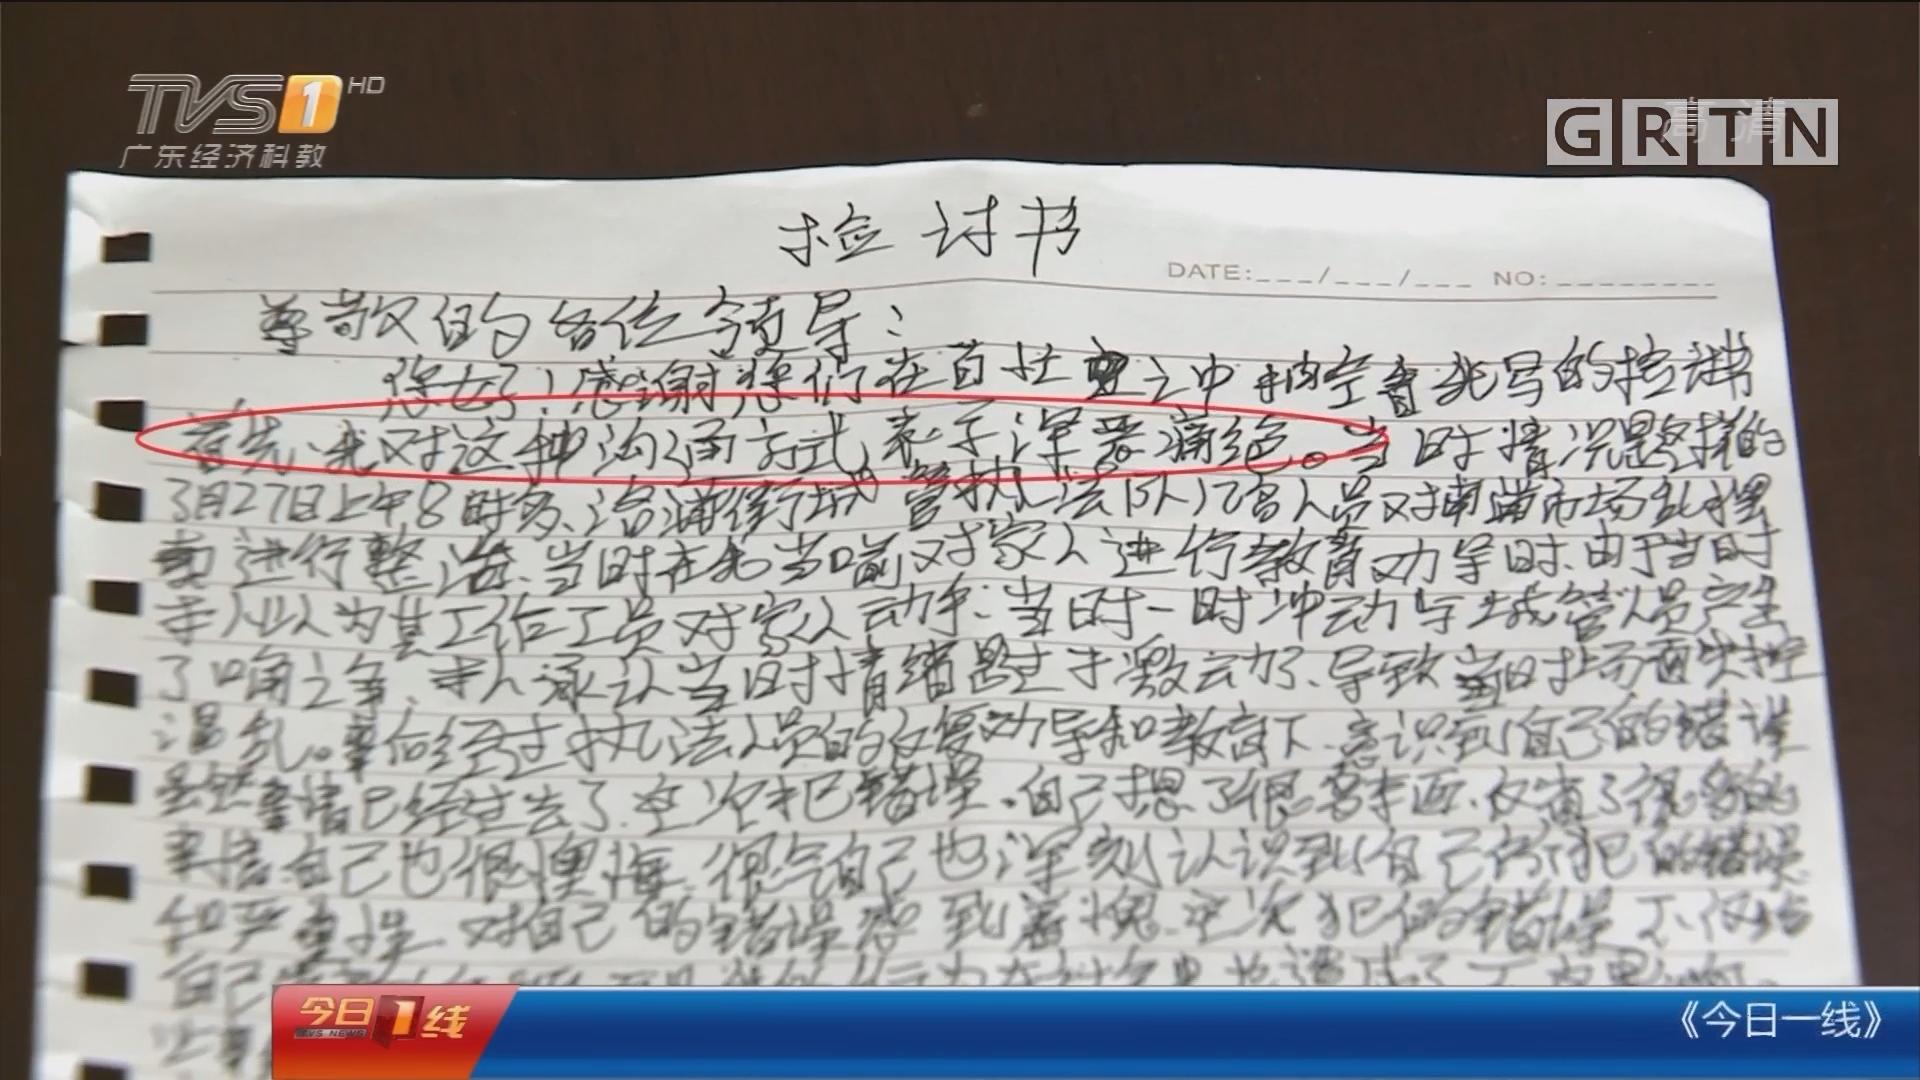 广州番禺:男子阻碍城管检查 事后写检讨书道歉